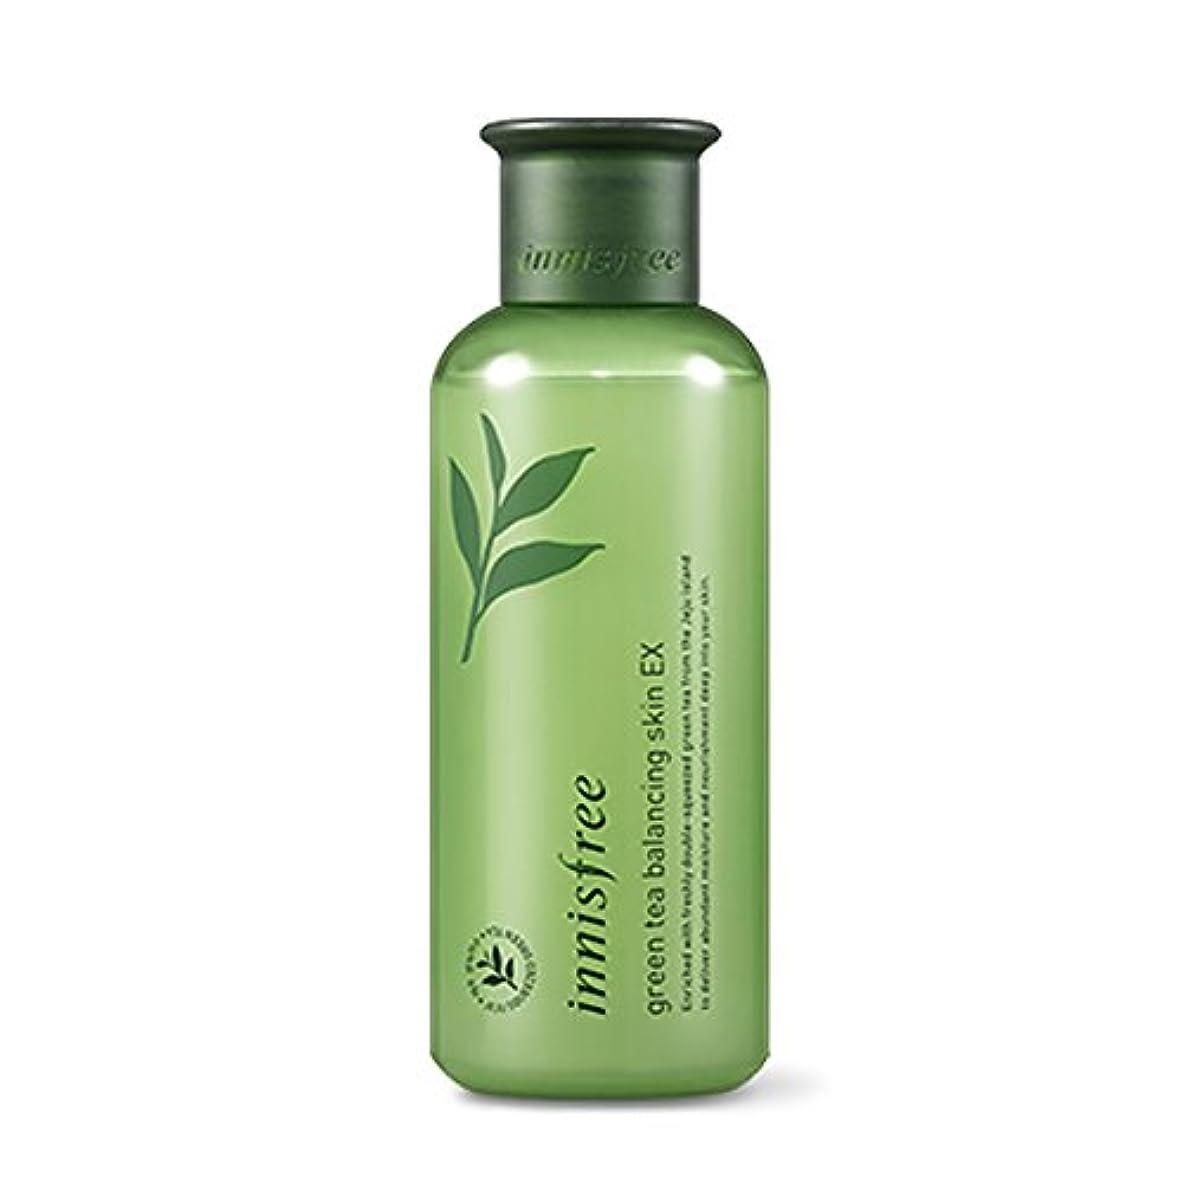 コンチネンタル経過段落イニスフリーグリーンティーバランシングスキン(トナー)200ml Innisfree Green Tea Balancing Skin(Toner) 200ml